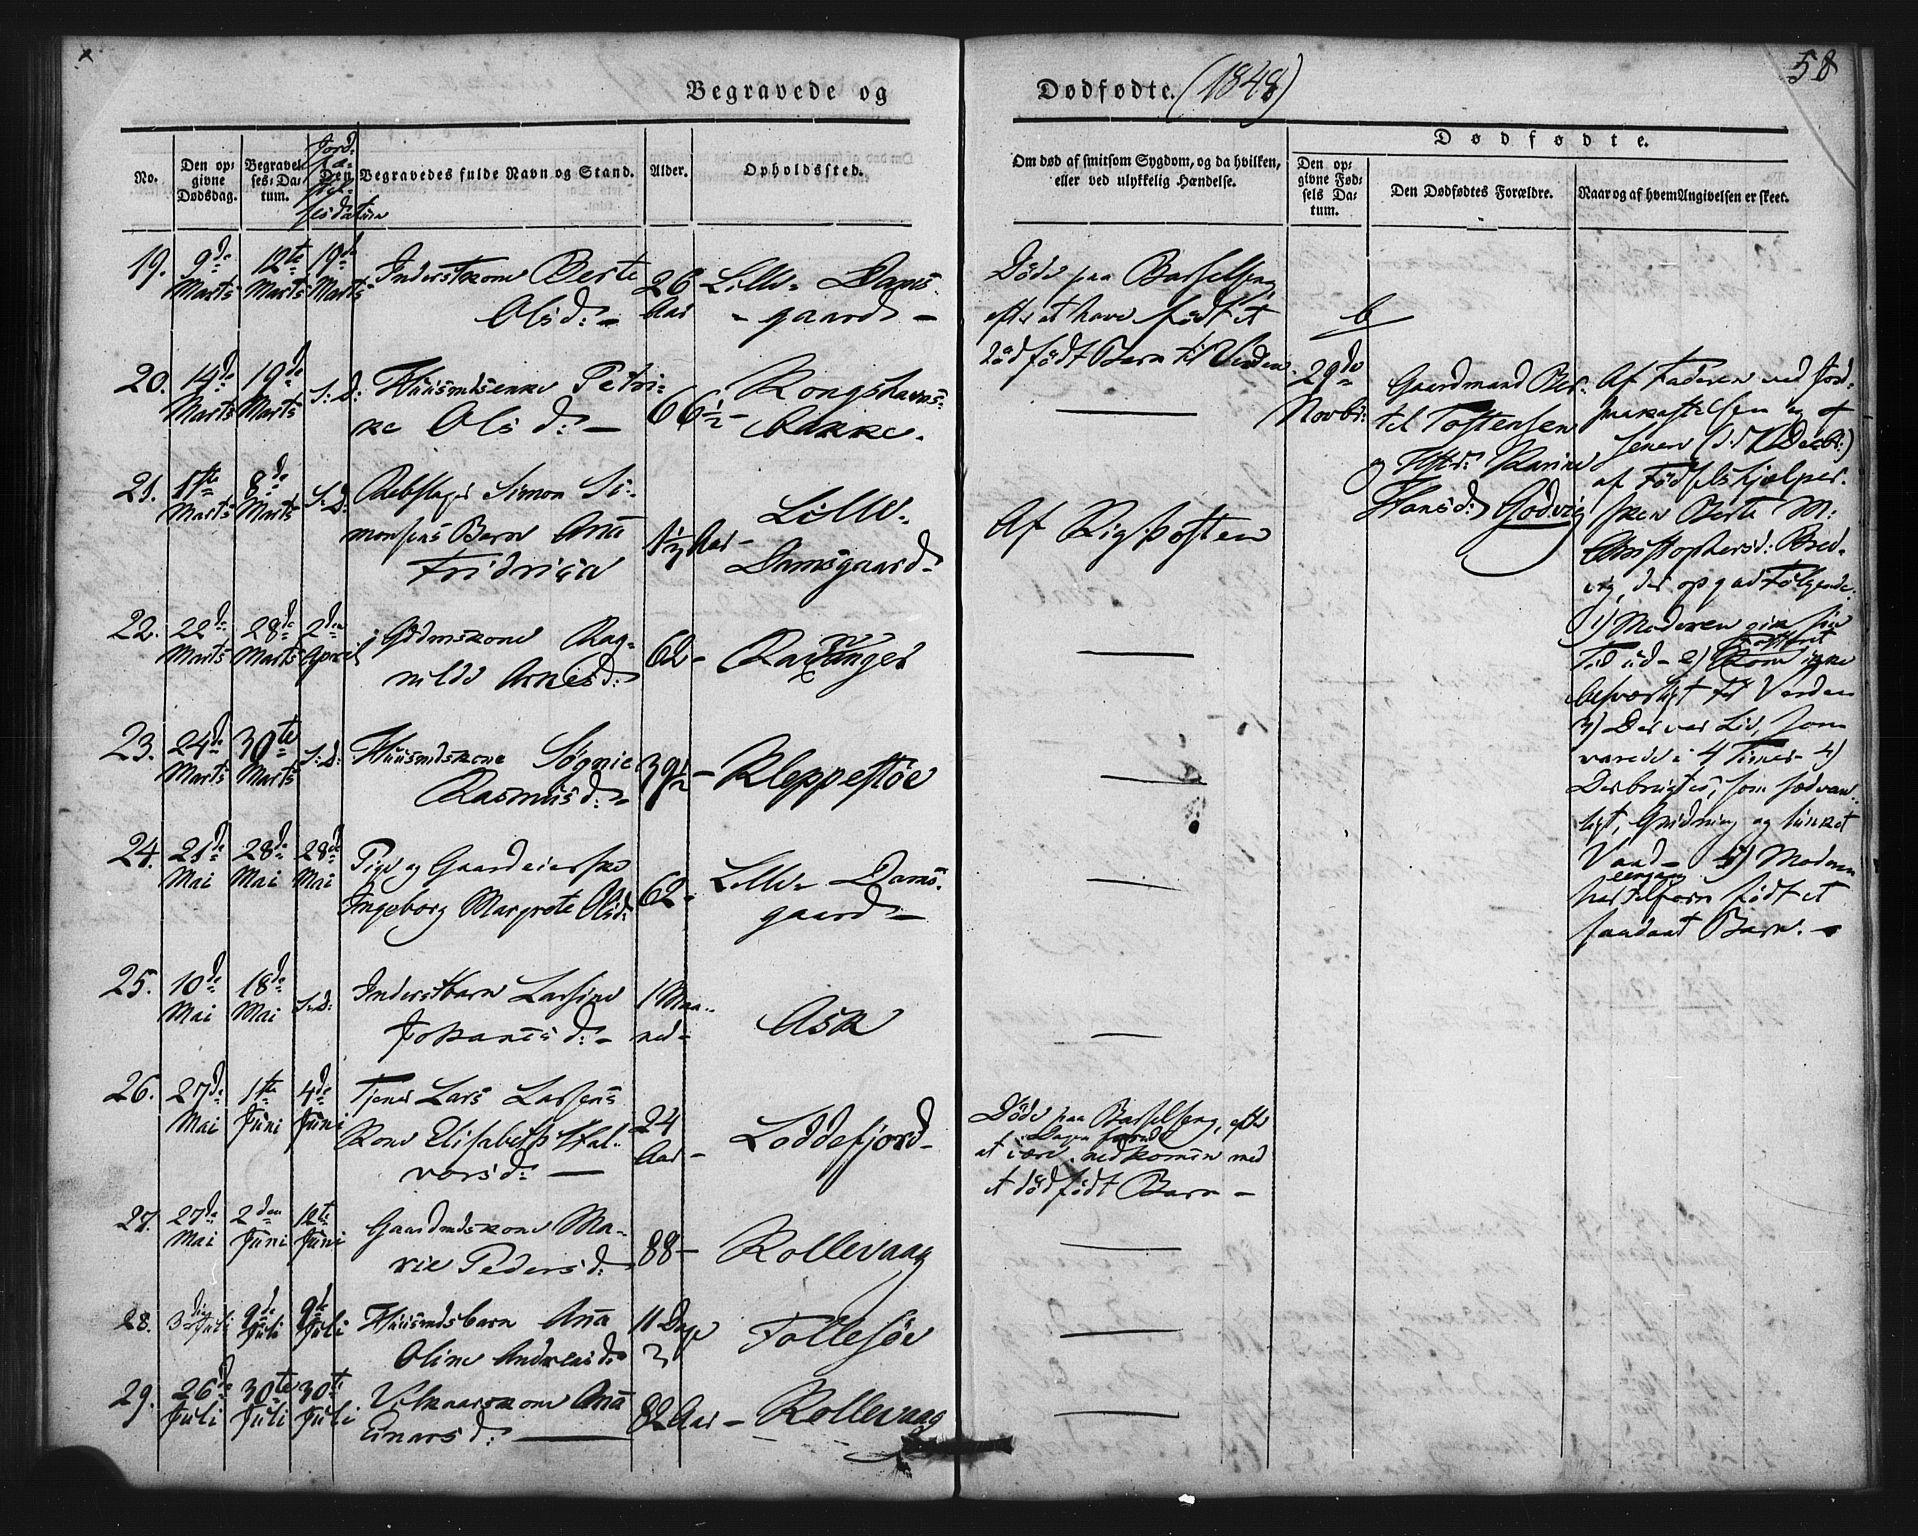 SAB, Askøy Sokneprestembete, H/Ha/Haa/Haaa/L0007: Ministerialbok nr. A 7, 1842-1852, s. 58